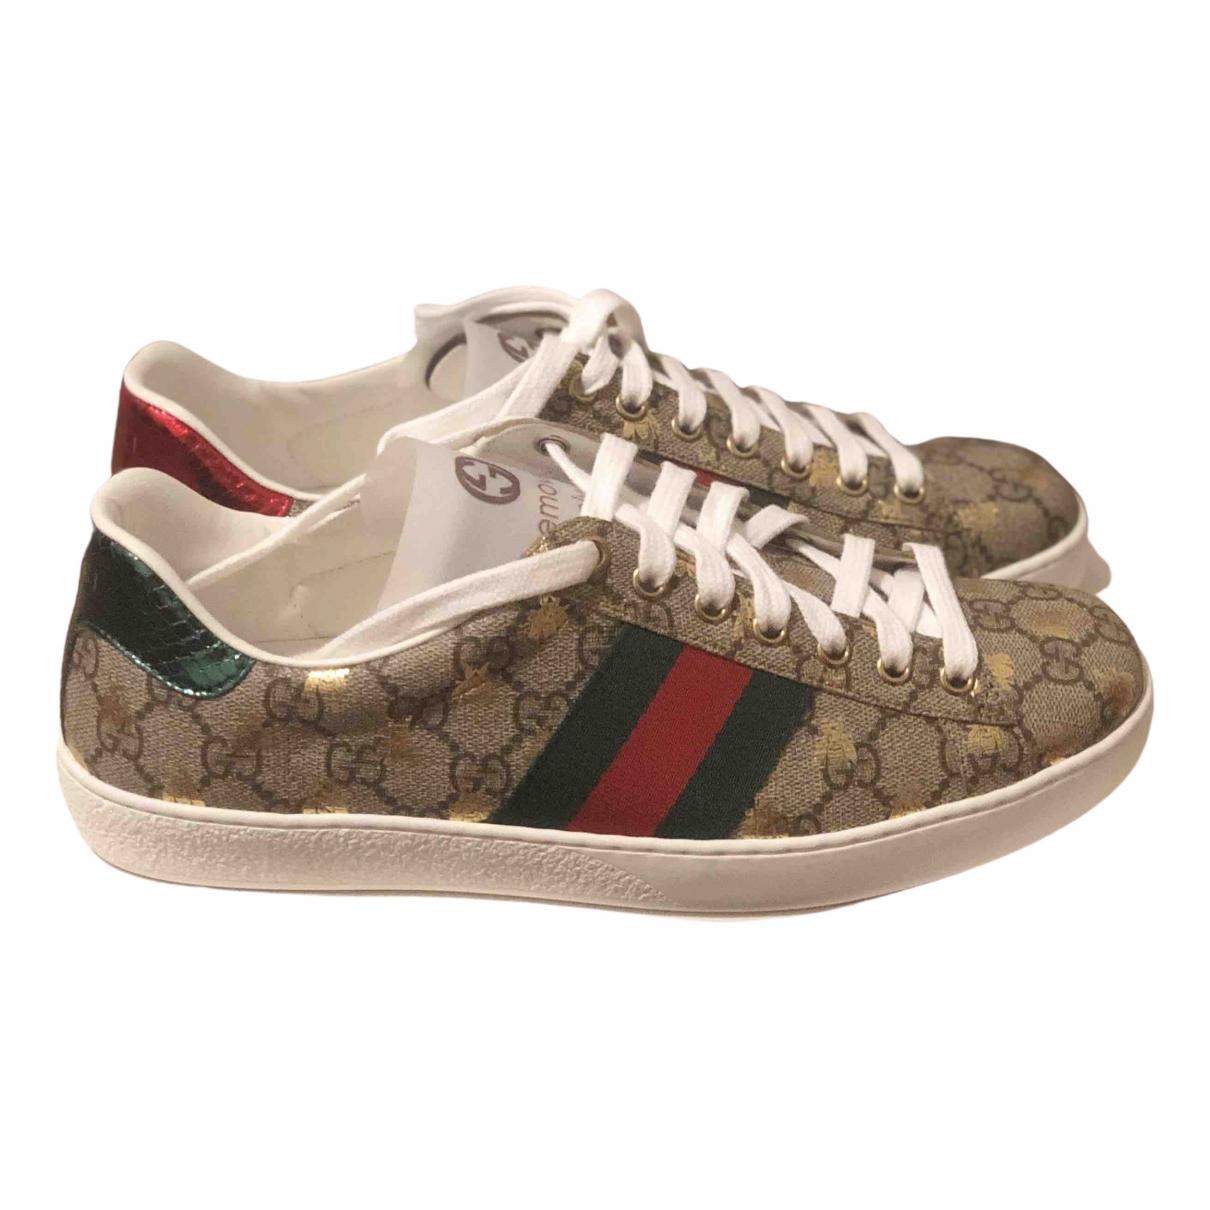 Gucci - Baskets Ace pour homme en toile - beige